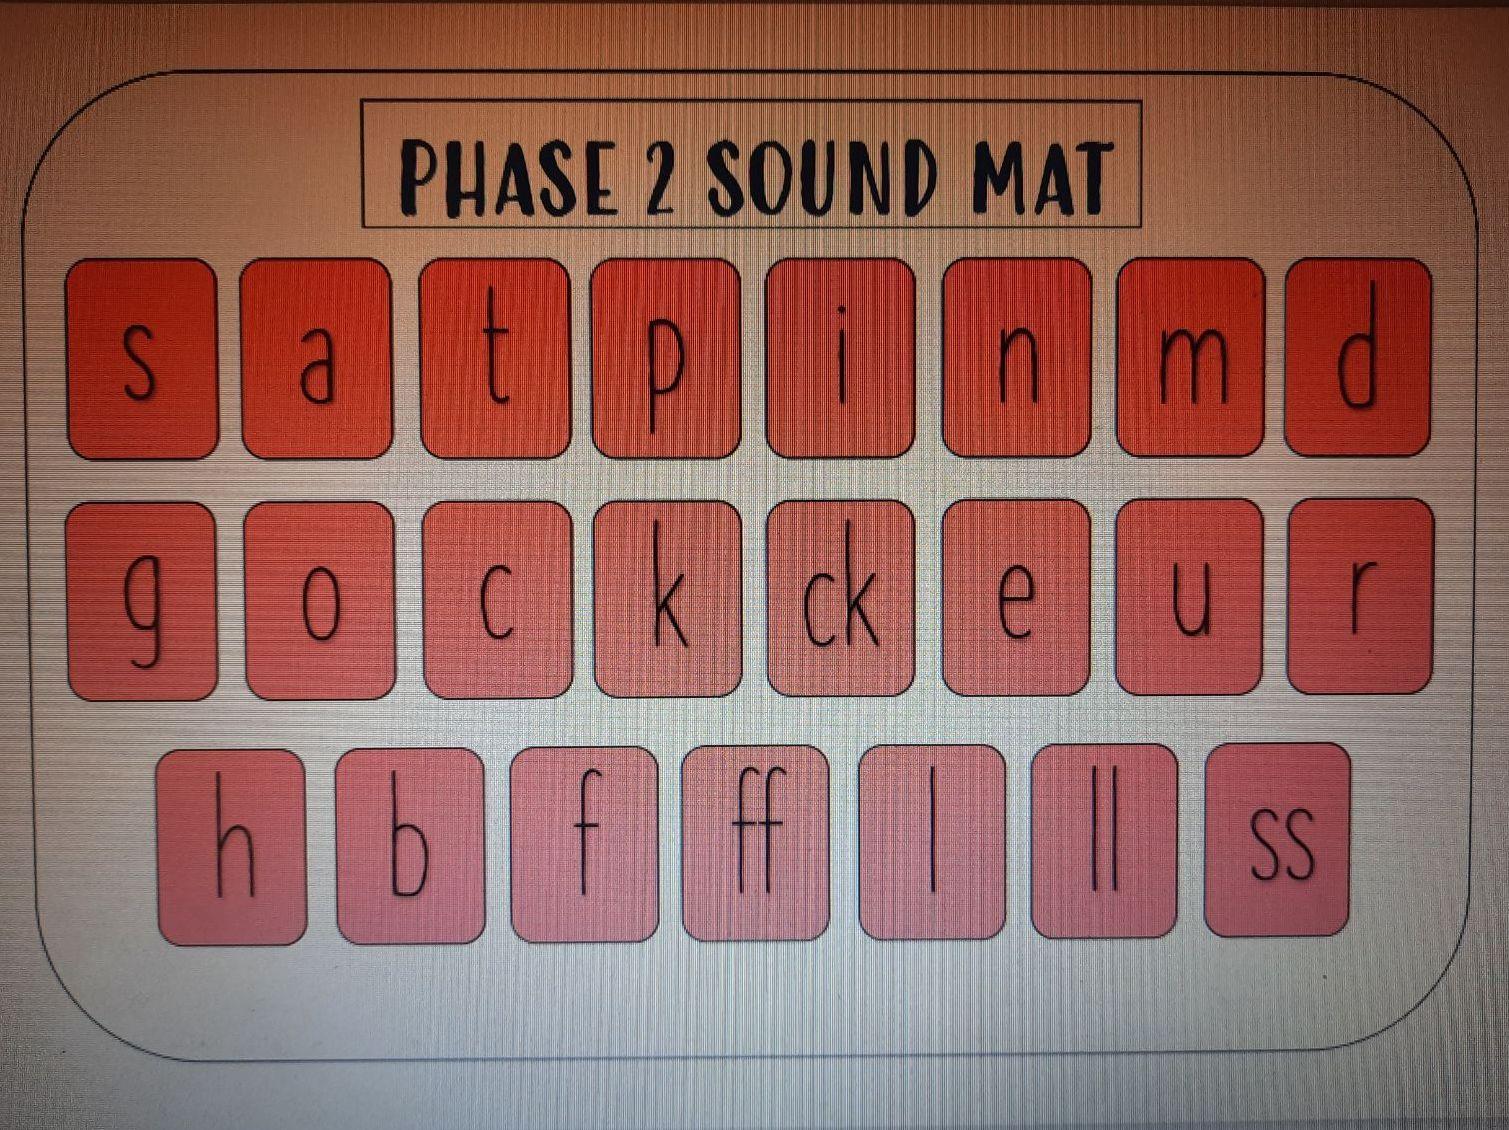 Phonics phase sound maps (phases 2-5)